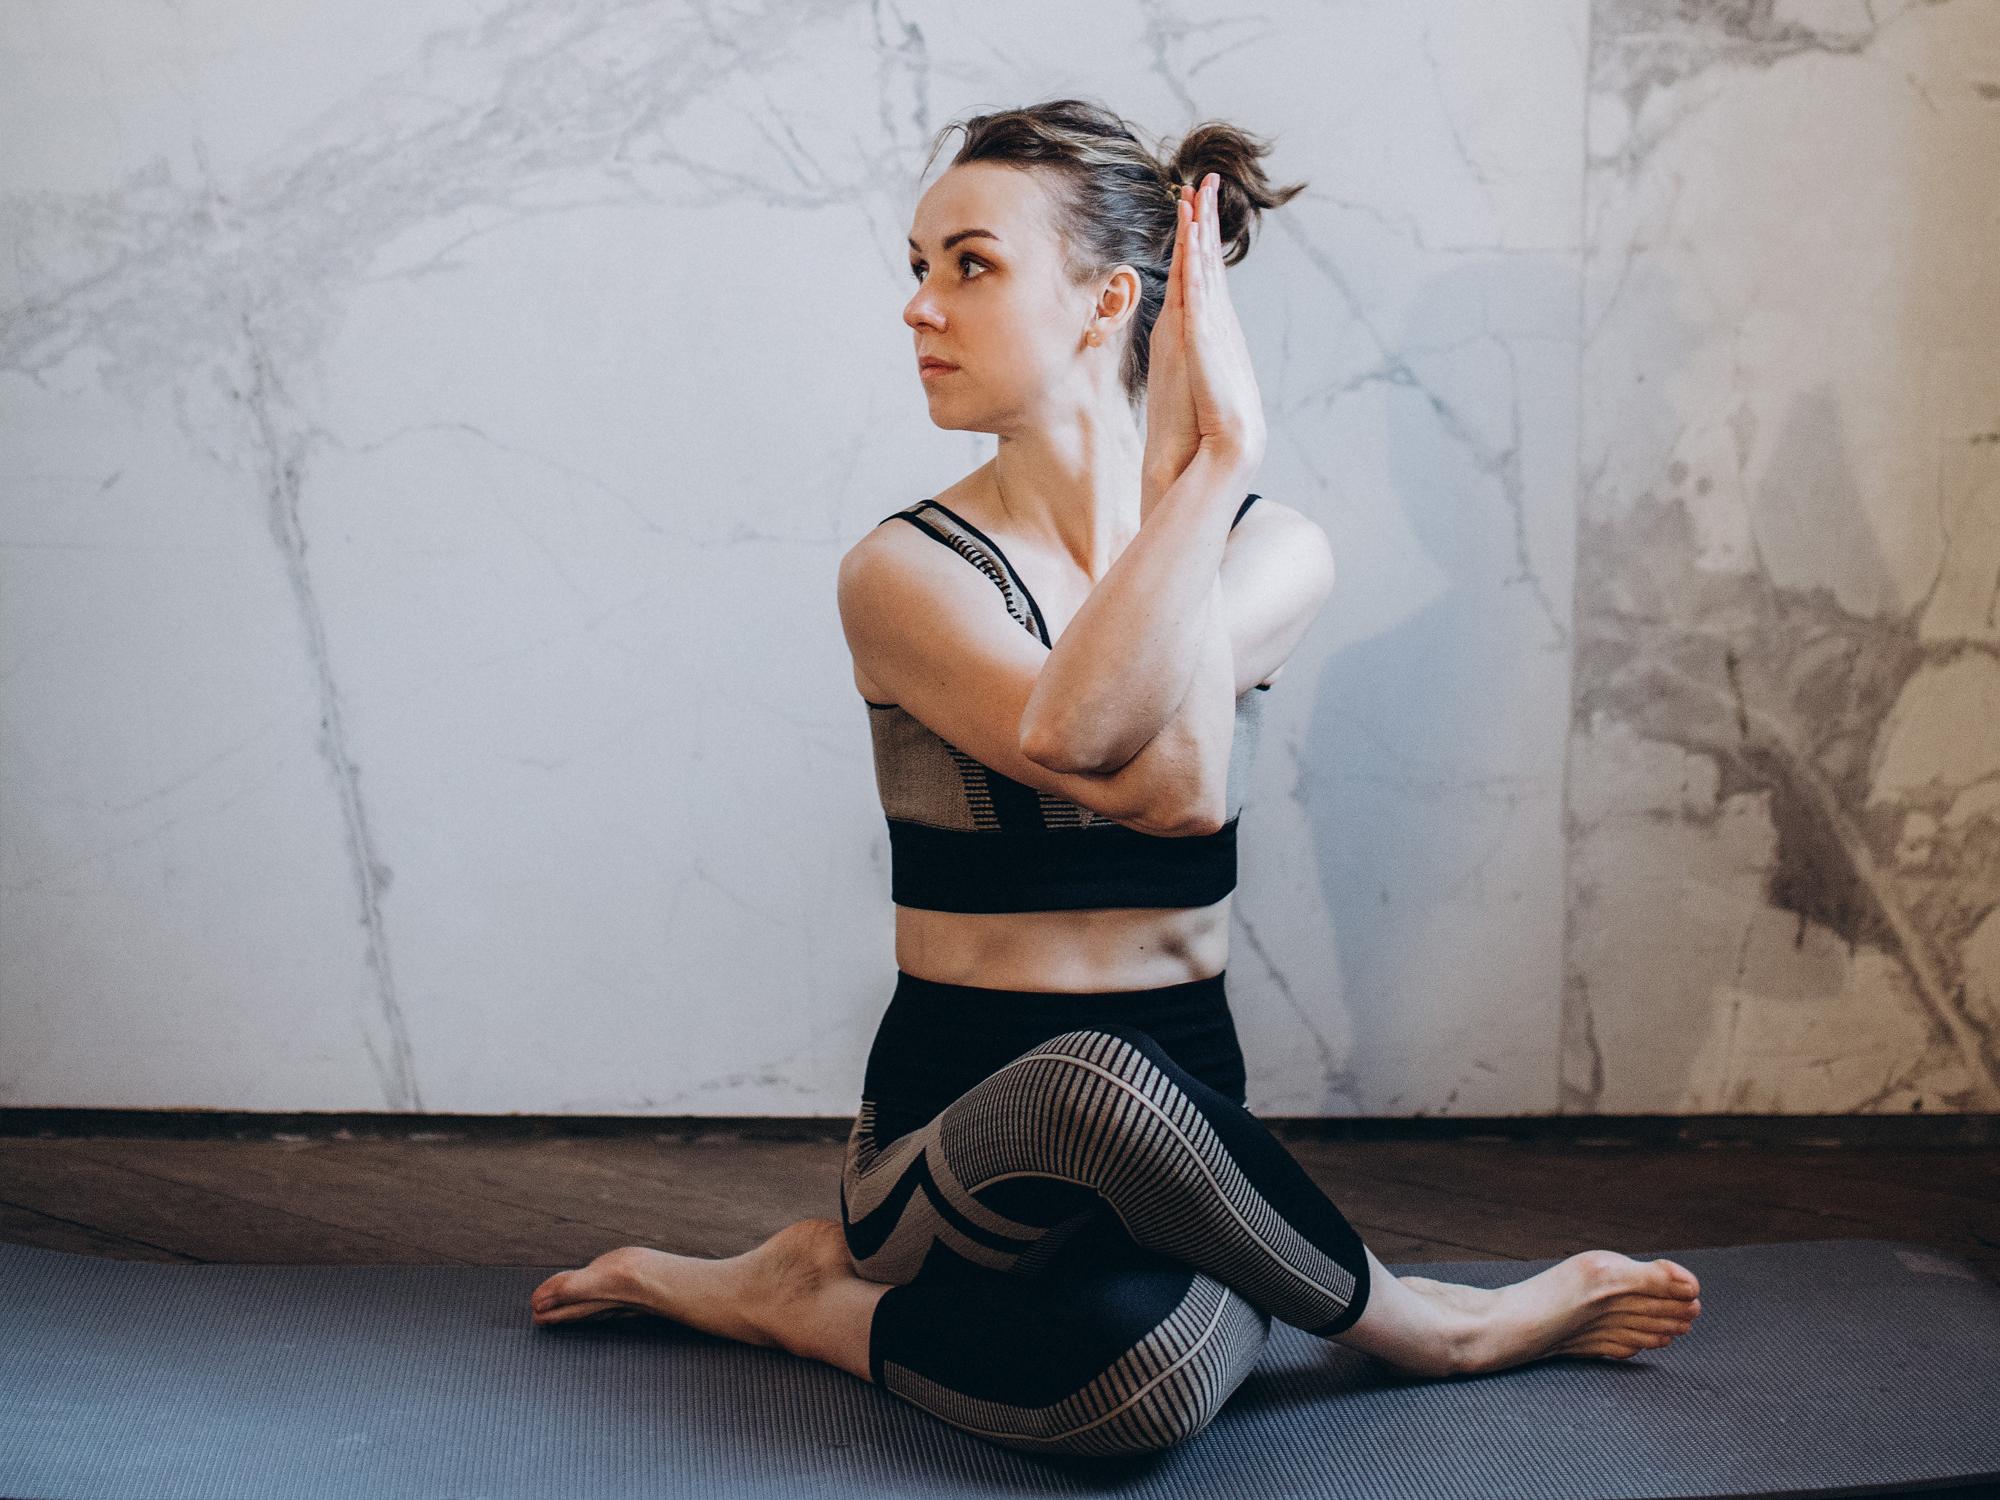 Les bienfaits du yoga que vous ne connaissez pas